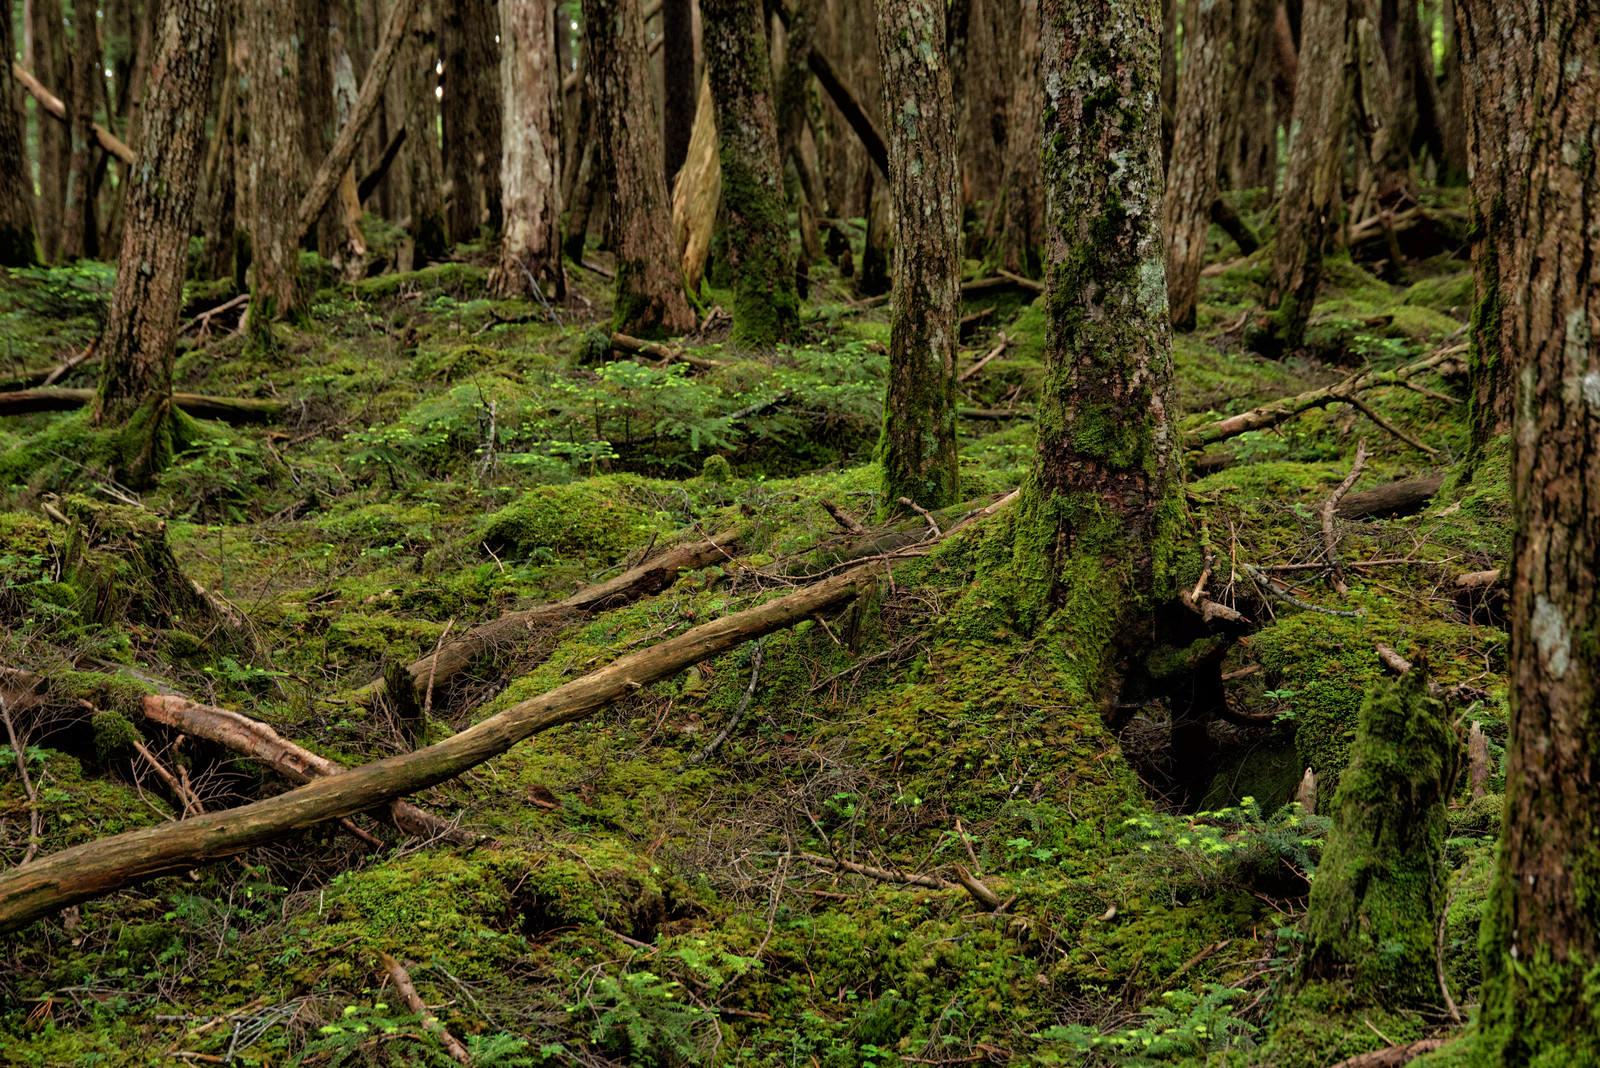 「苔が生い茂る原生森の大地」の写真